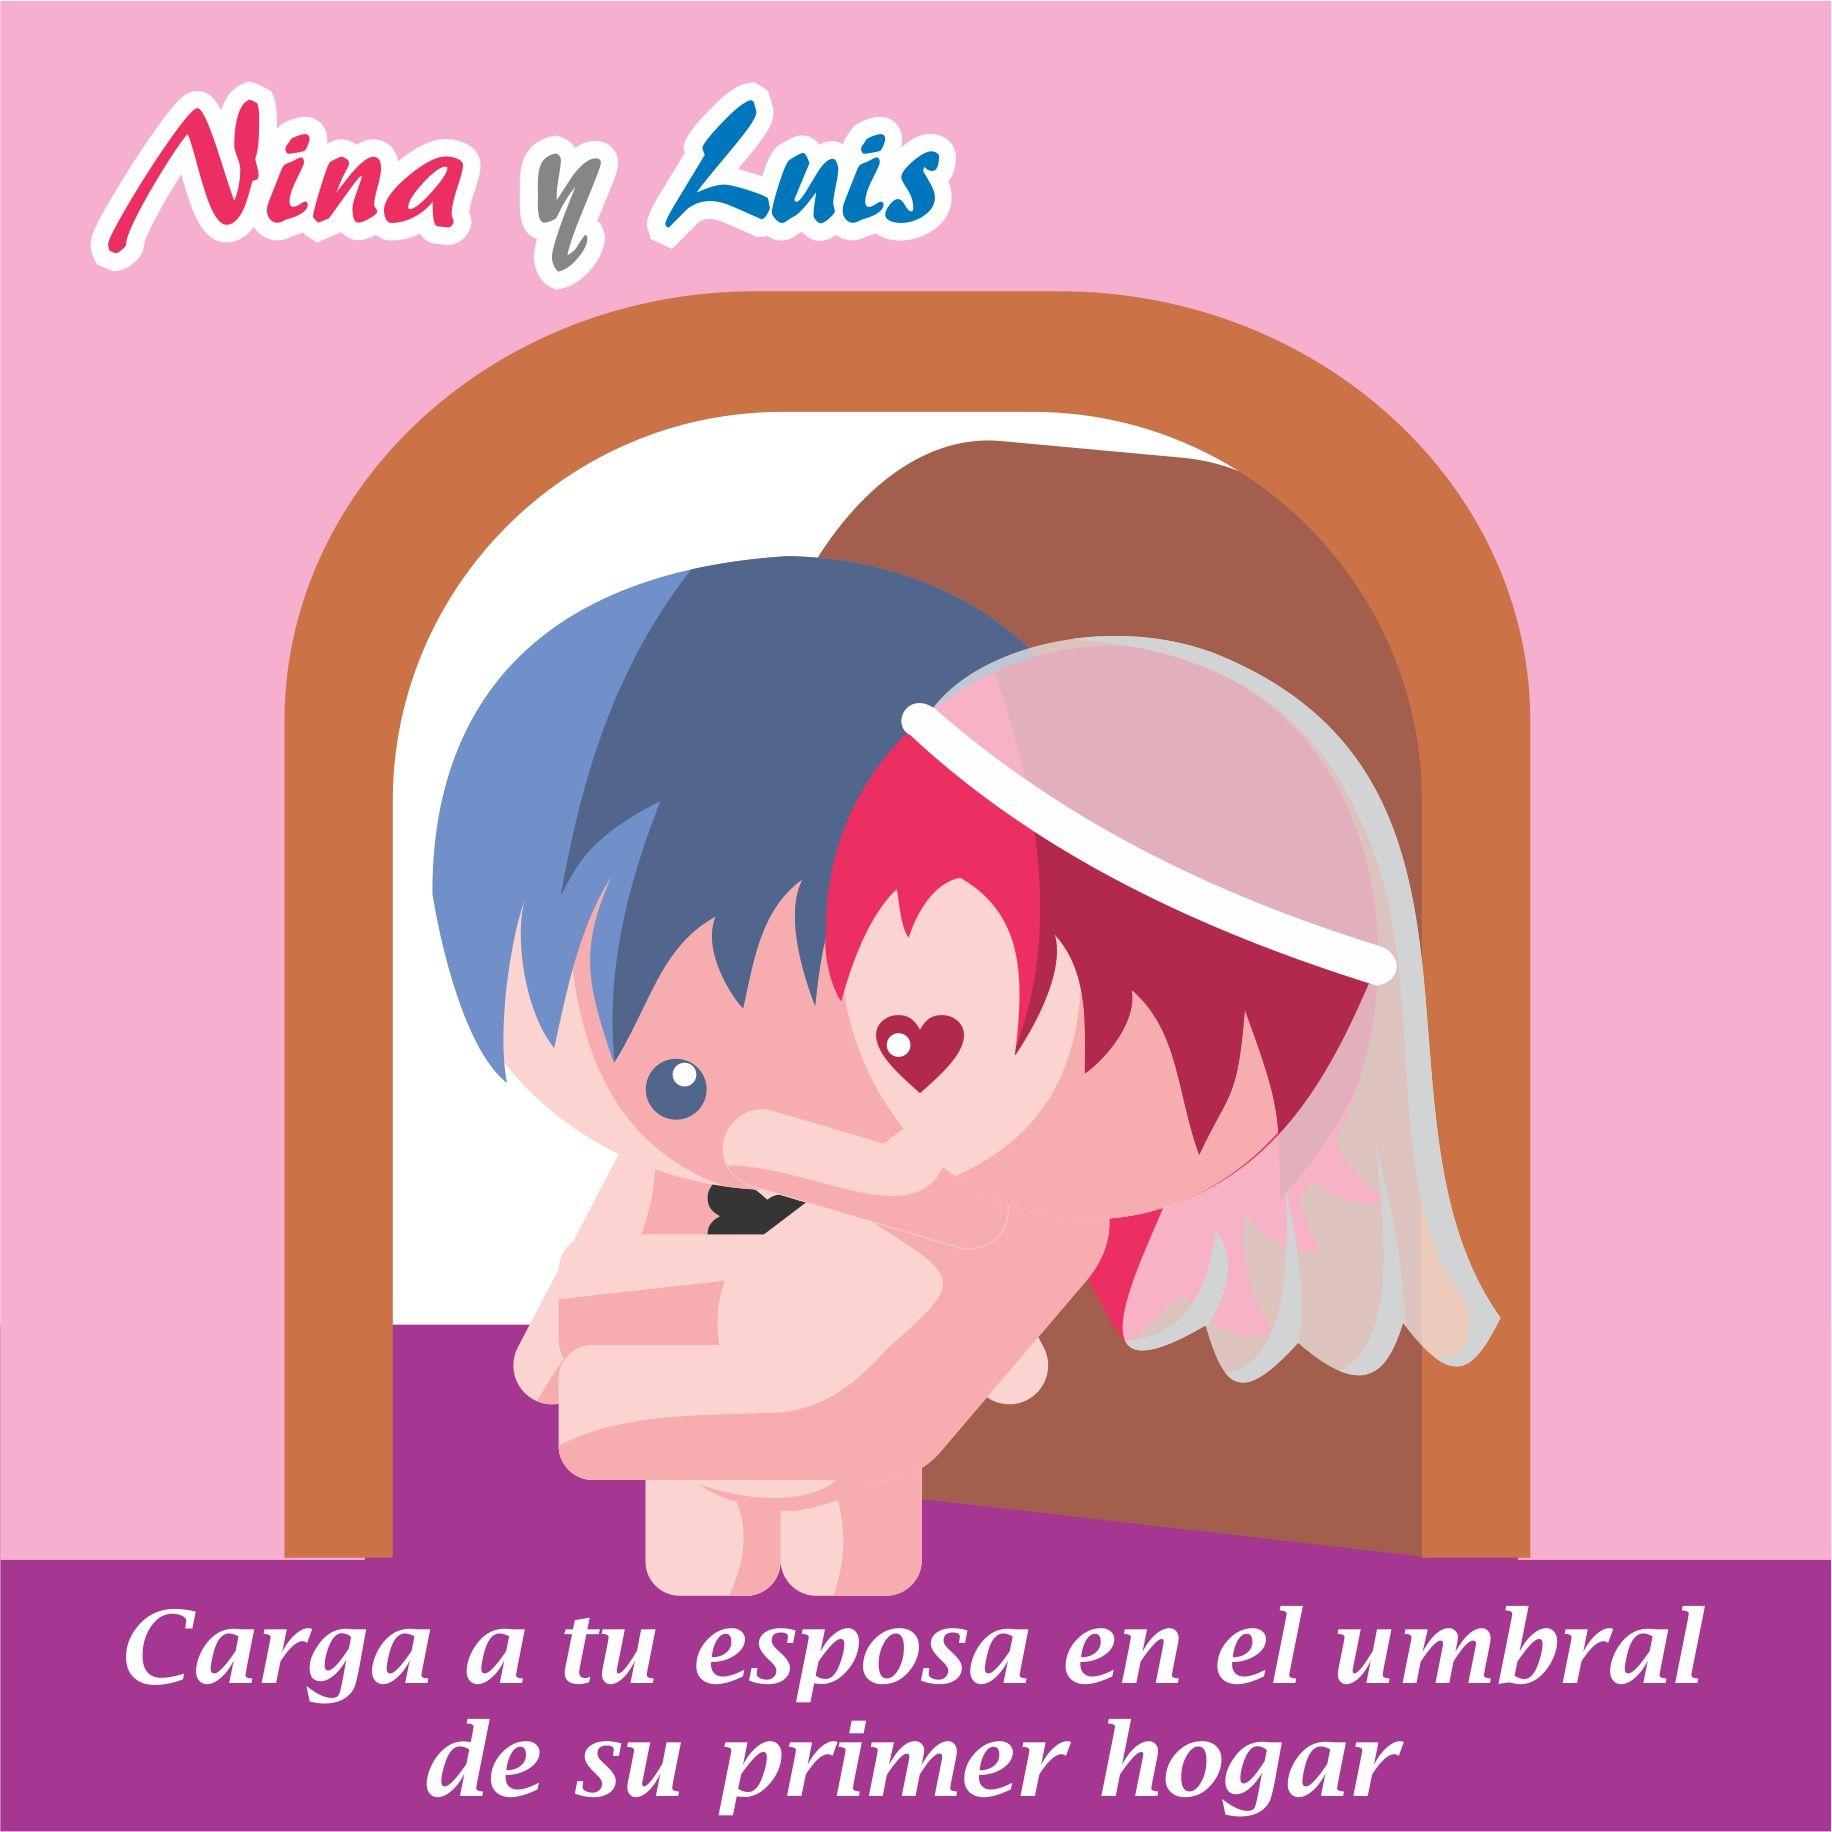 Nina y Luis primeros pasos de un matrimonio, amor, parejas dibujos ...